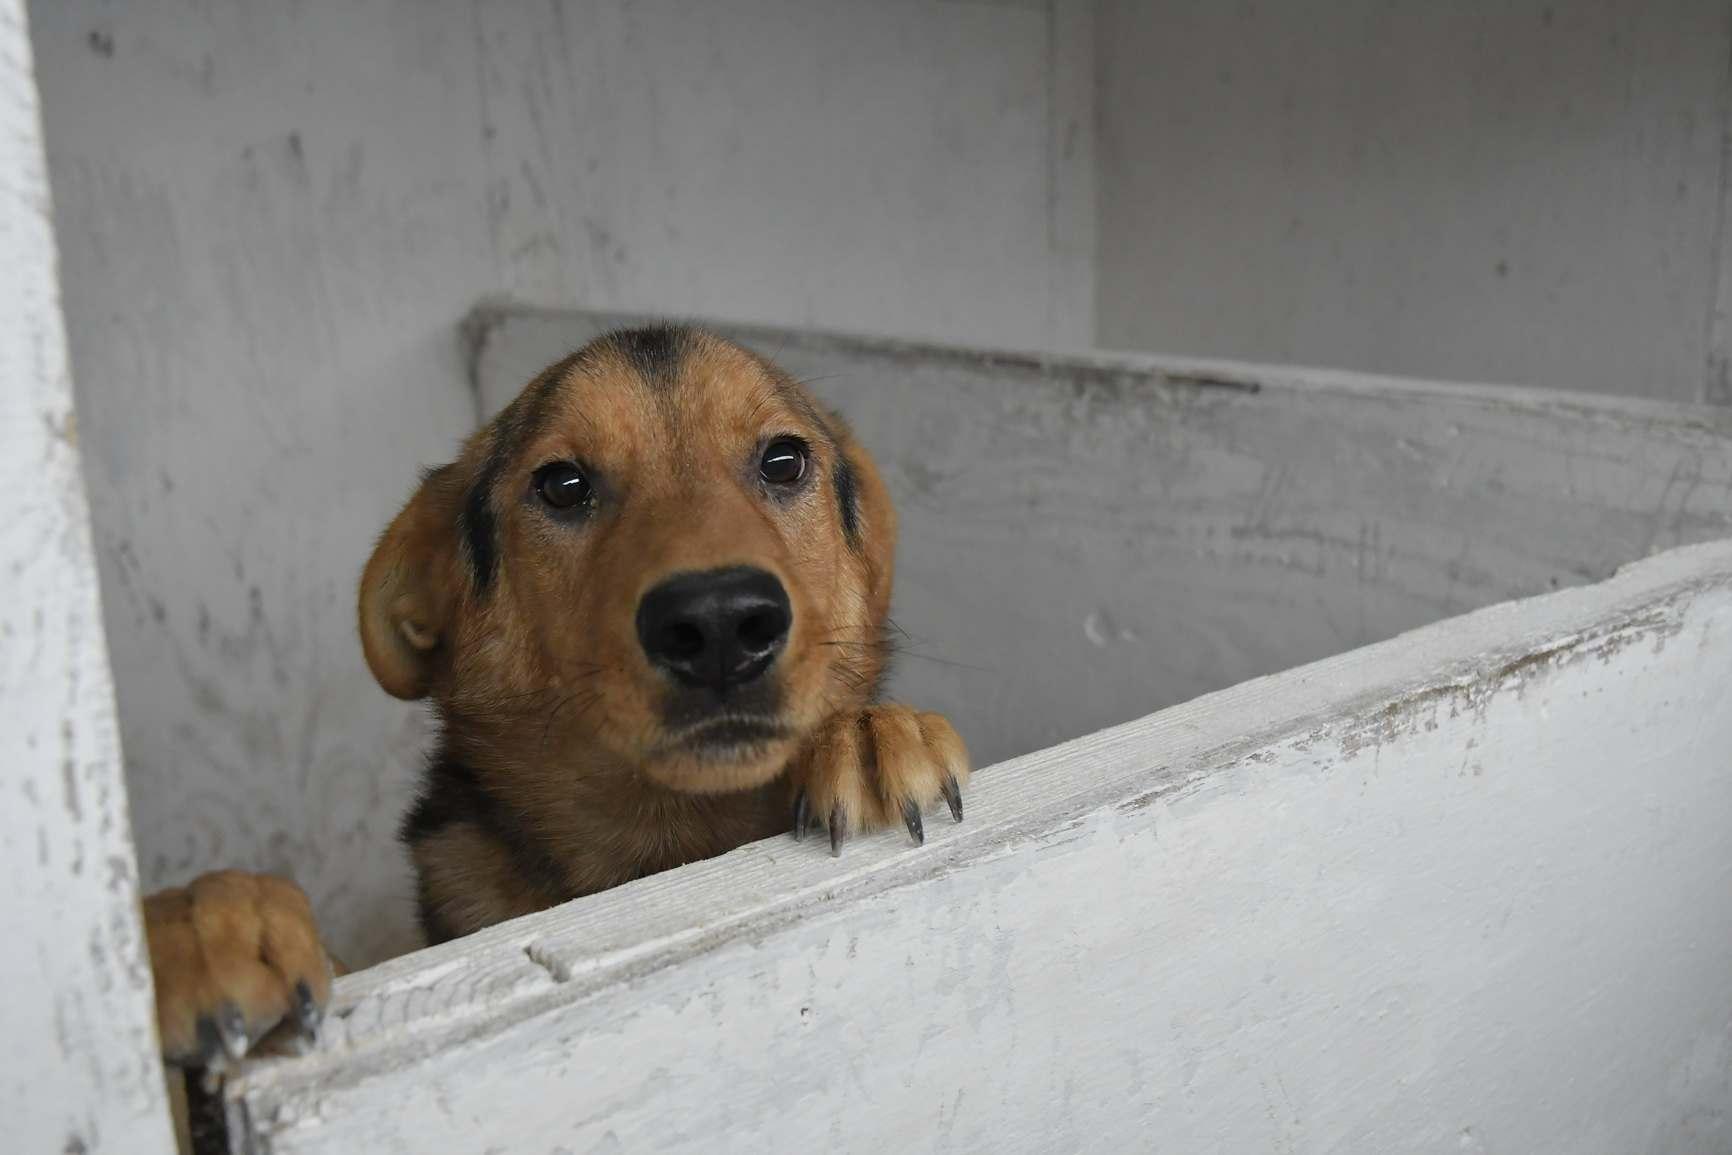 За брошенное животное в Италии можно сесть в тюрьму или заплатить большой штраф. Нужна ли такая практика в России?